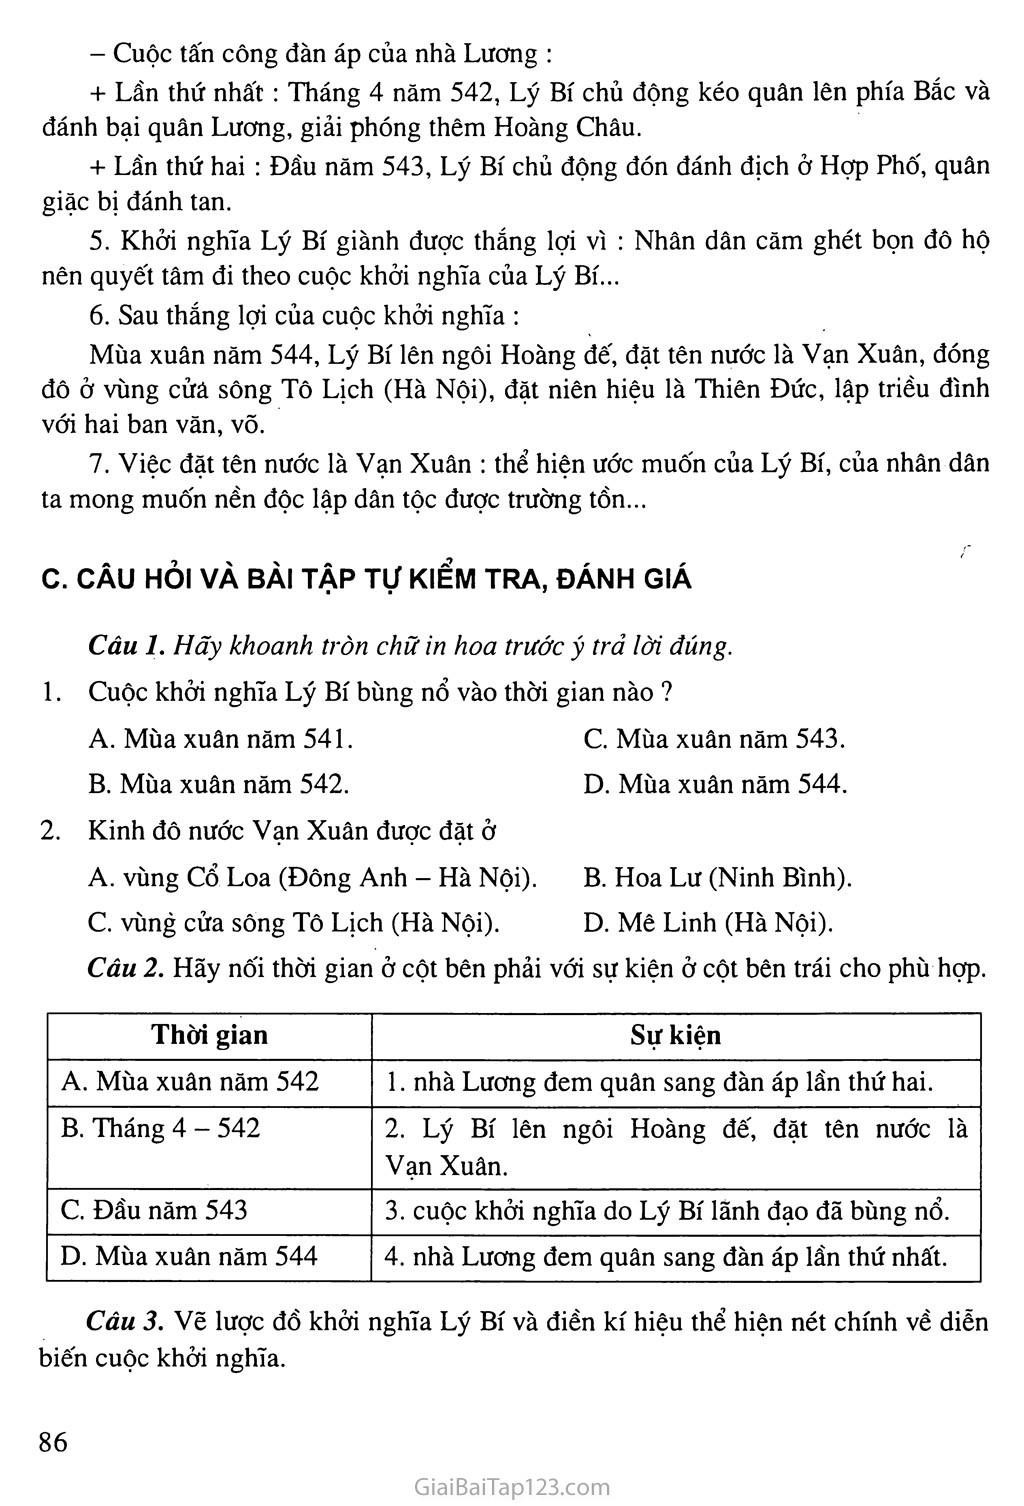 Bài 21: Khởi nghĩa Lý Bí. Nước Vạn Xuân (542 - 602) trang 4